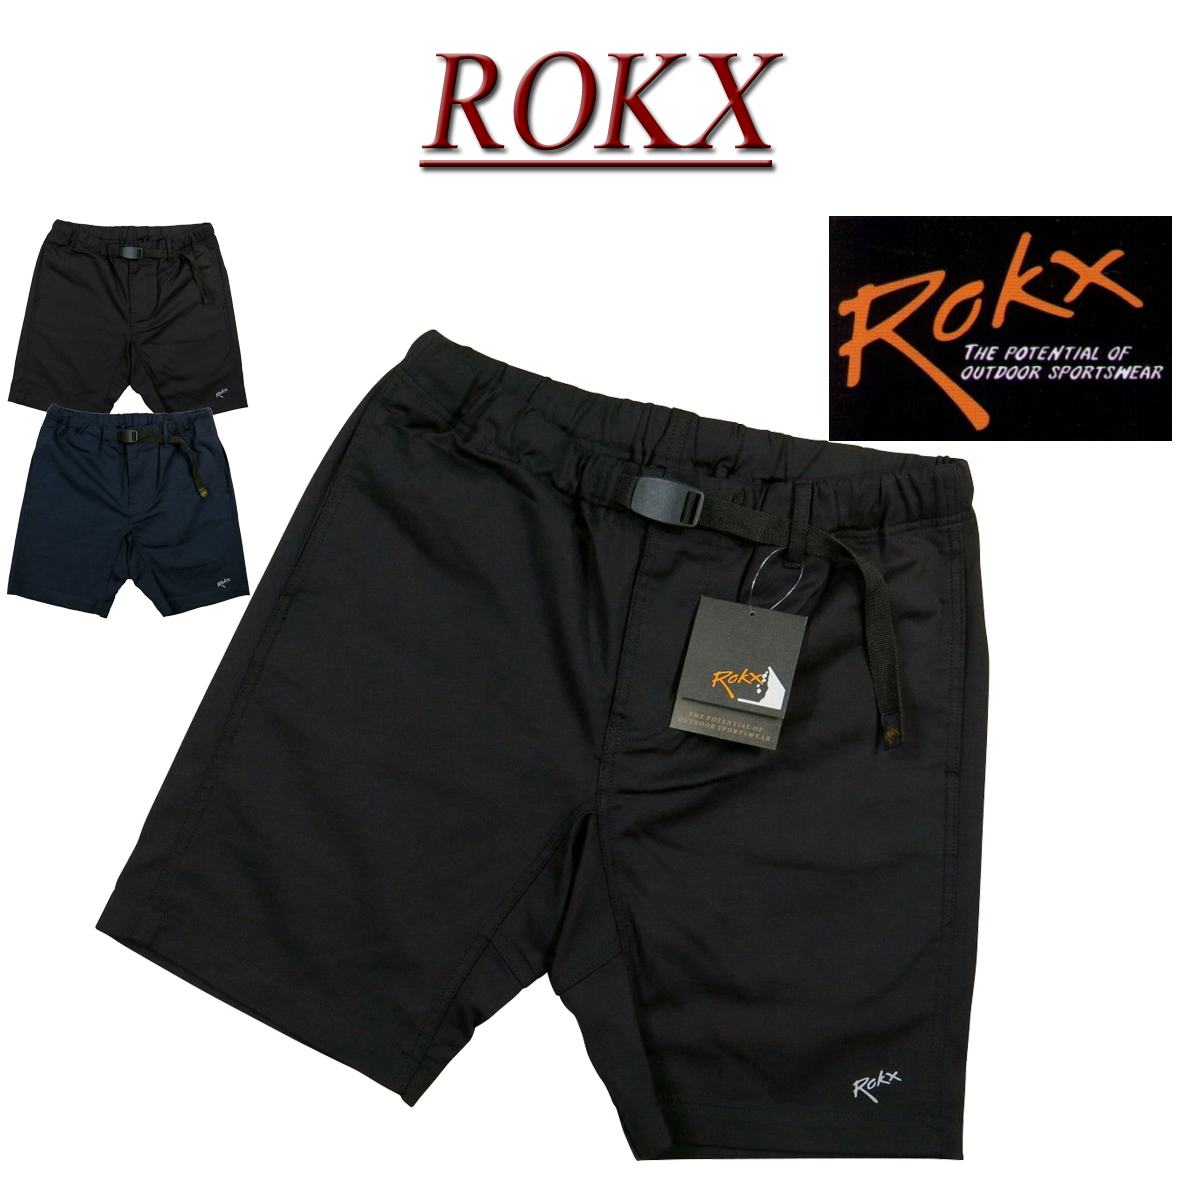 【2019春夏 2色4サイズ】 ry421 新品 ROKX ロックス LIGHT TREK SHORT ライトトレック ショートパンツ クライミングパンツ RXMS193014 メンズ アメカジ ボルダリング ハーフパンツ ショーツ 【smtb-kd】